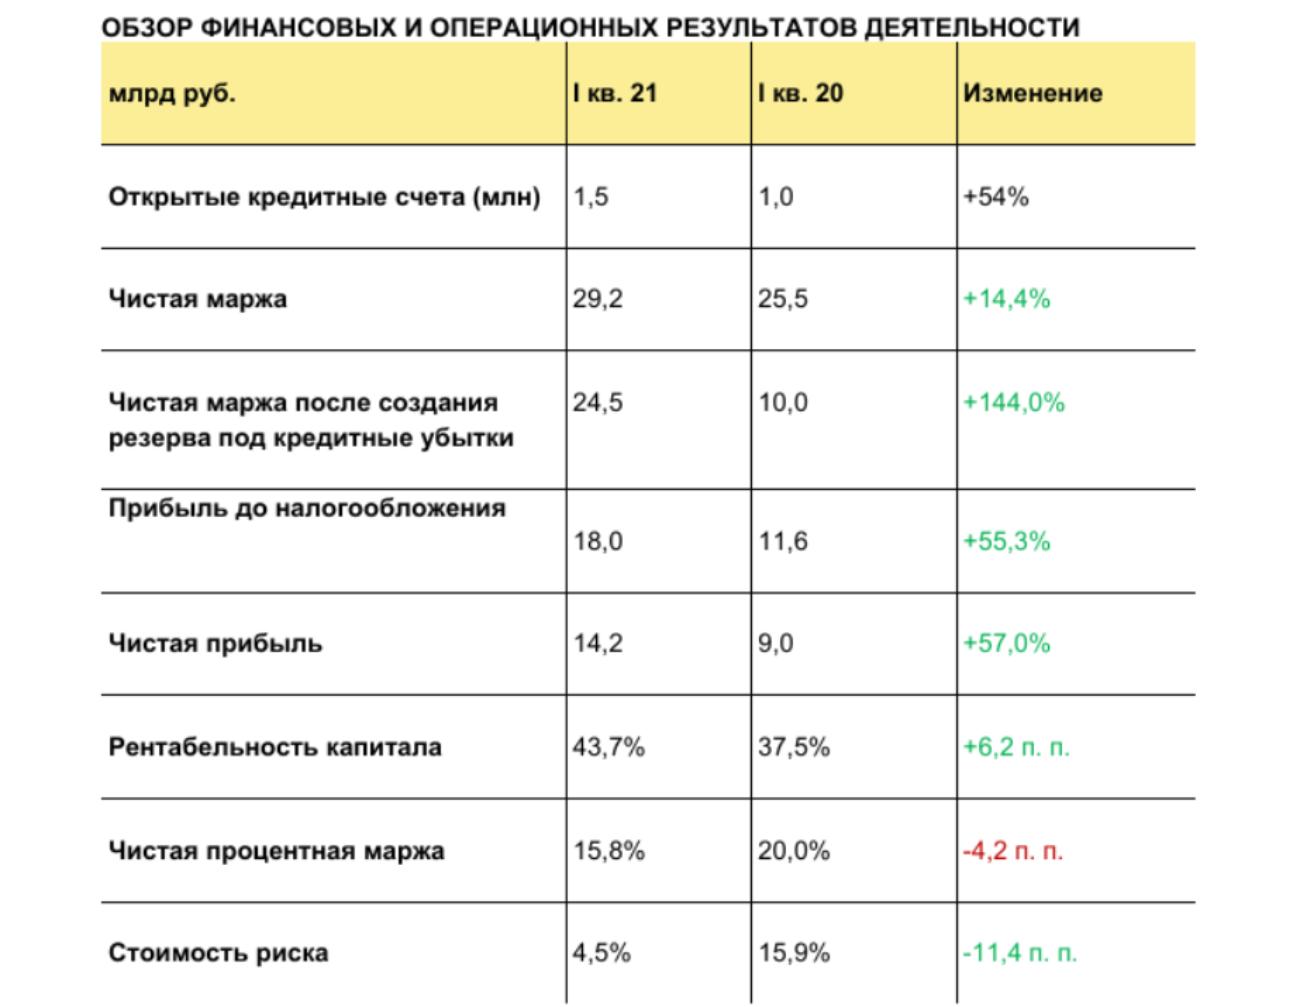 Квартальная выручка группы Тинькофф выросла на 21%  до 56,8 млрд рублей